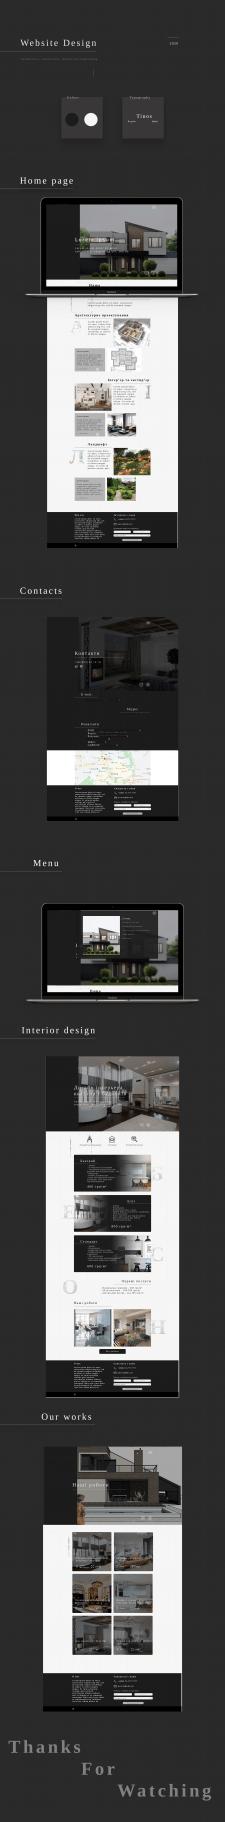 Architecture and interior website design